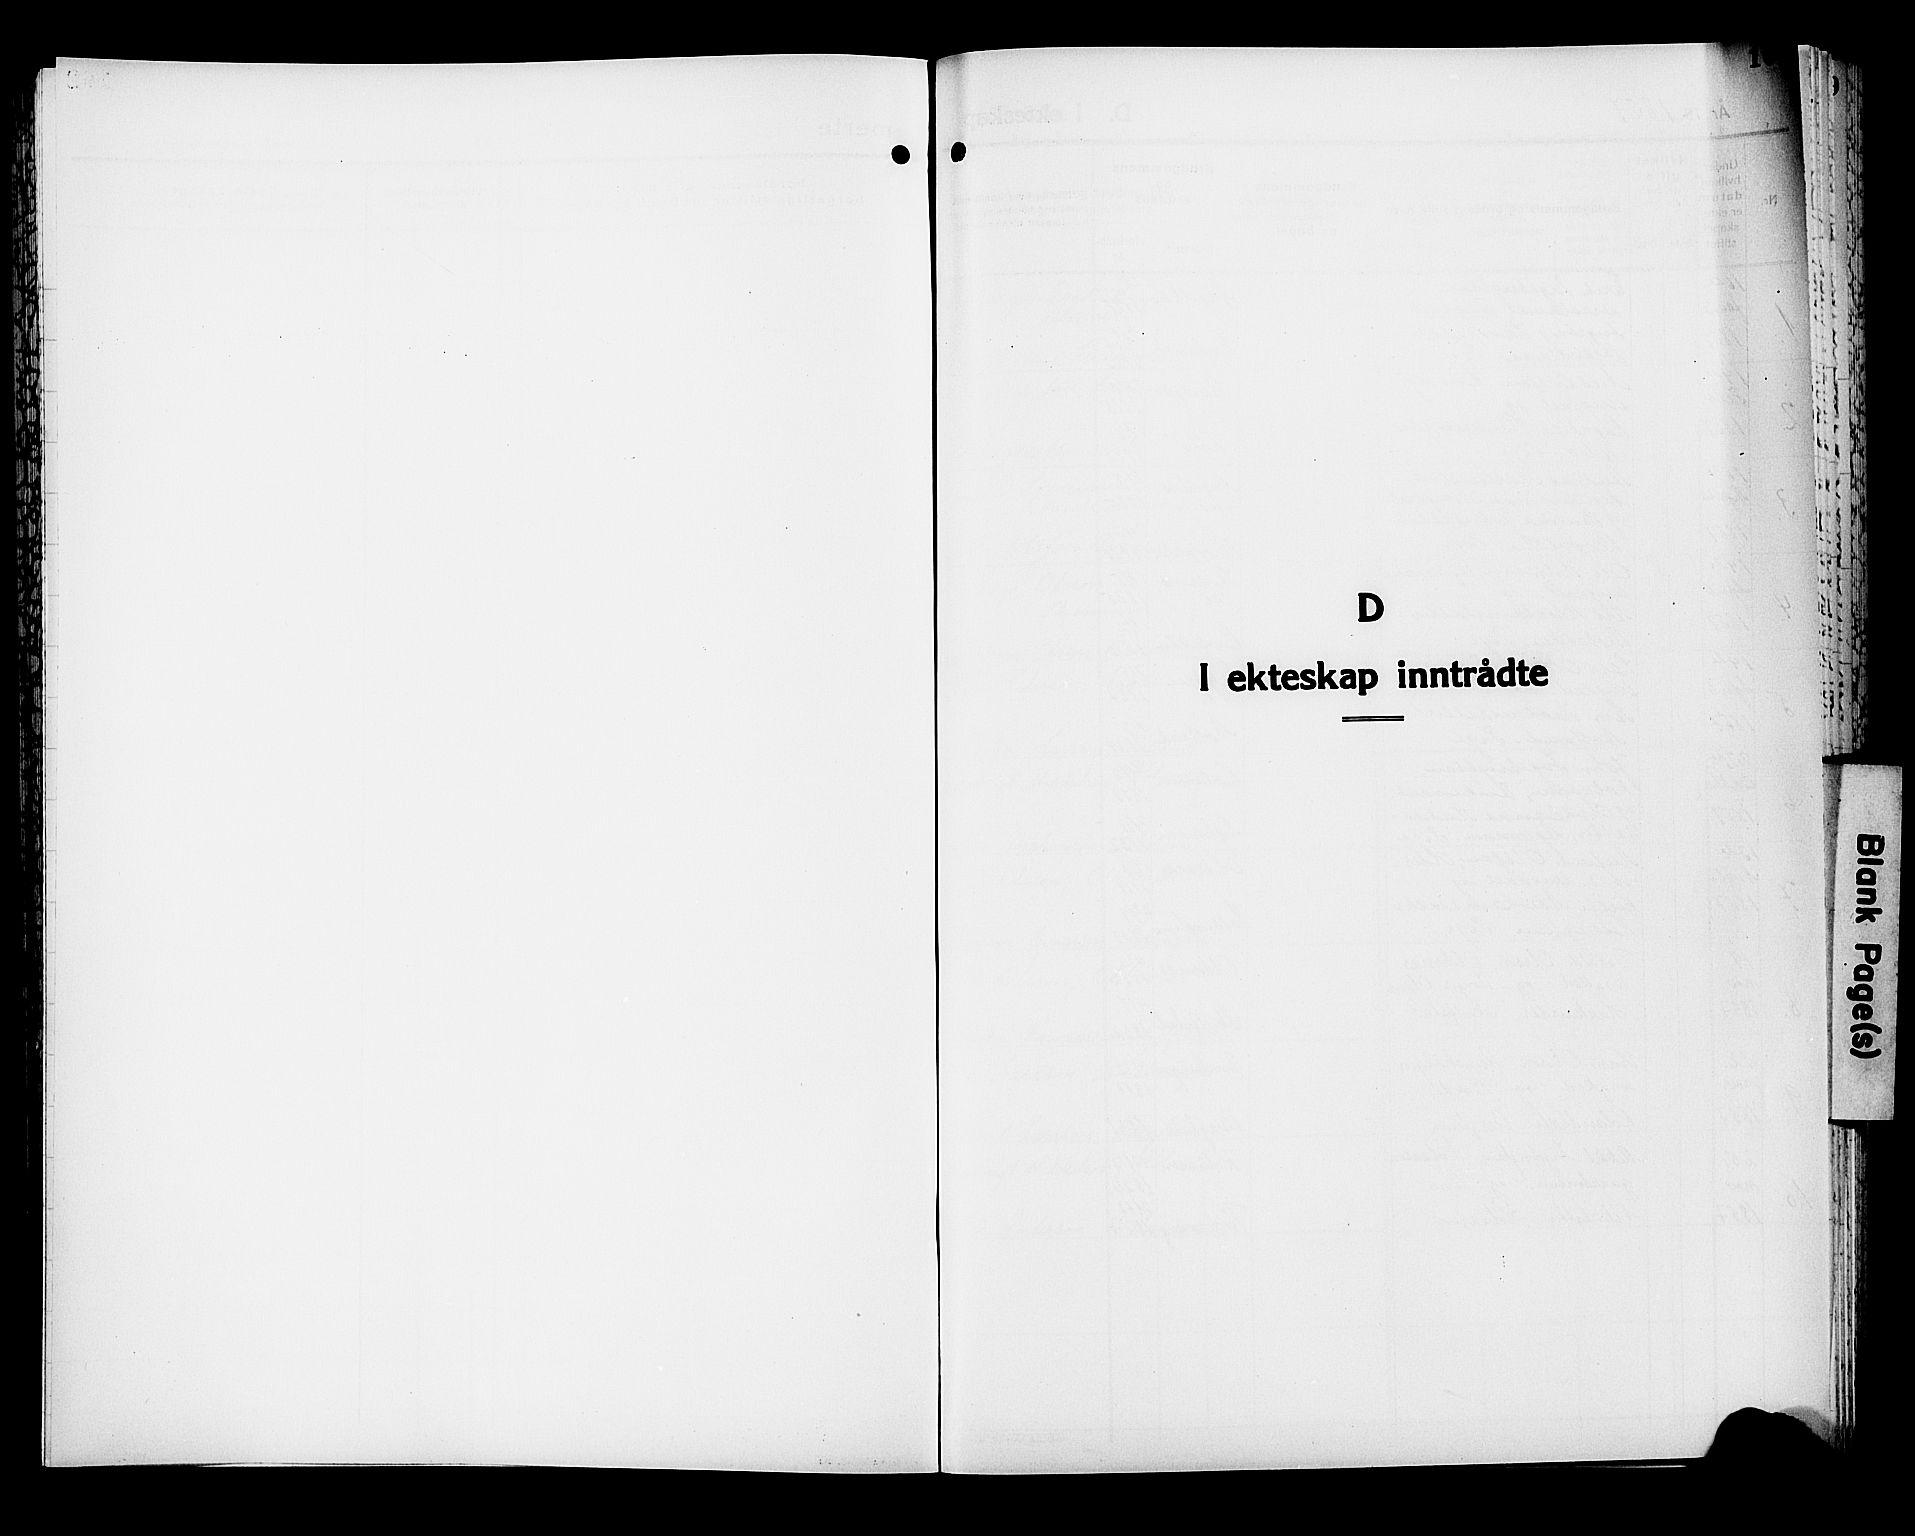 SAT, Ministerialprotokoller, klokkerbøker og fødselsregistre - Nord-Trøndelag, 749/L0485: Ministerialbok nr. 749D01, 1857-1872, s. 162